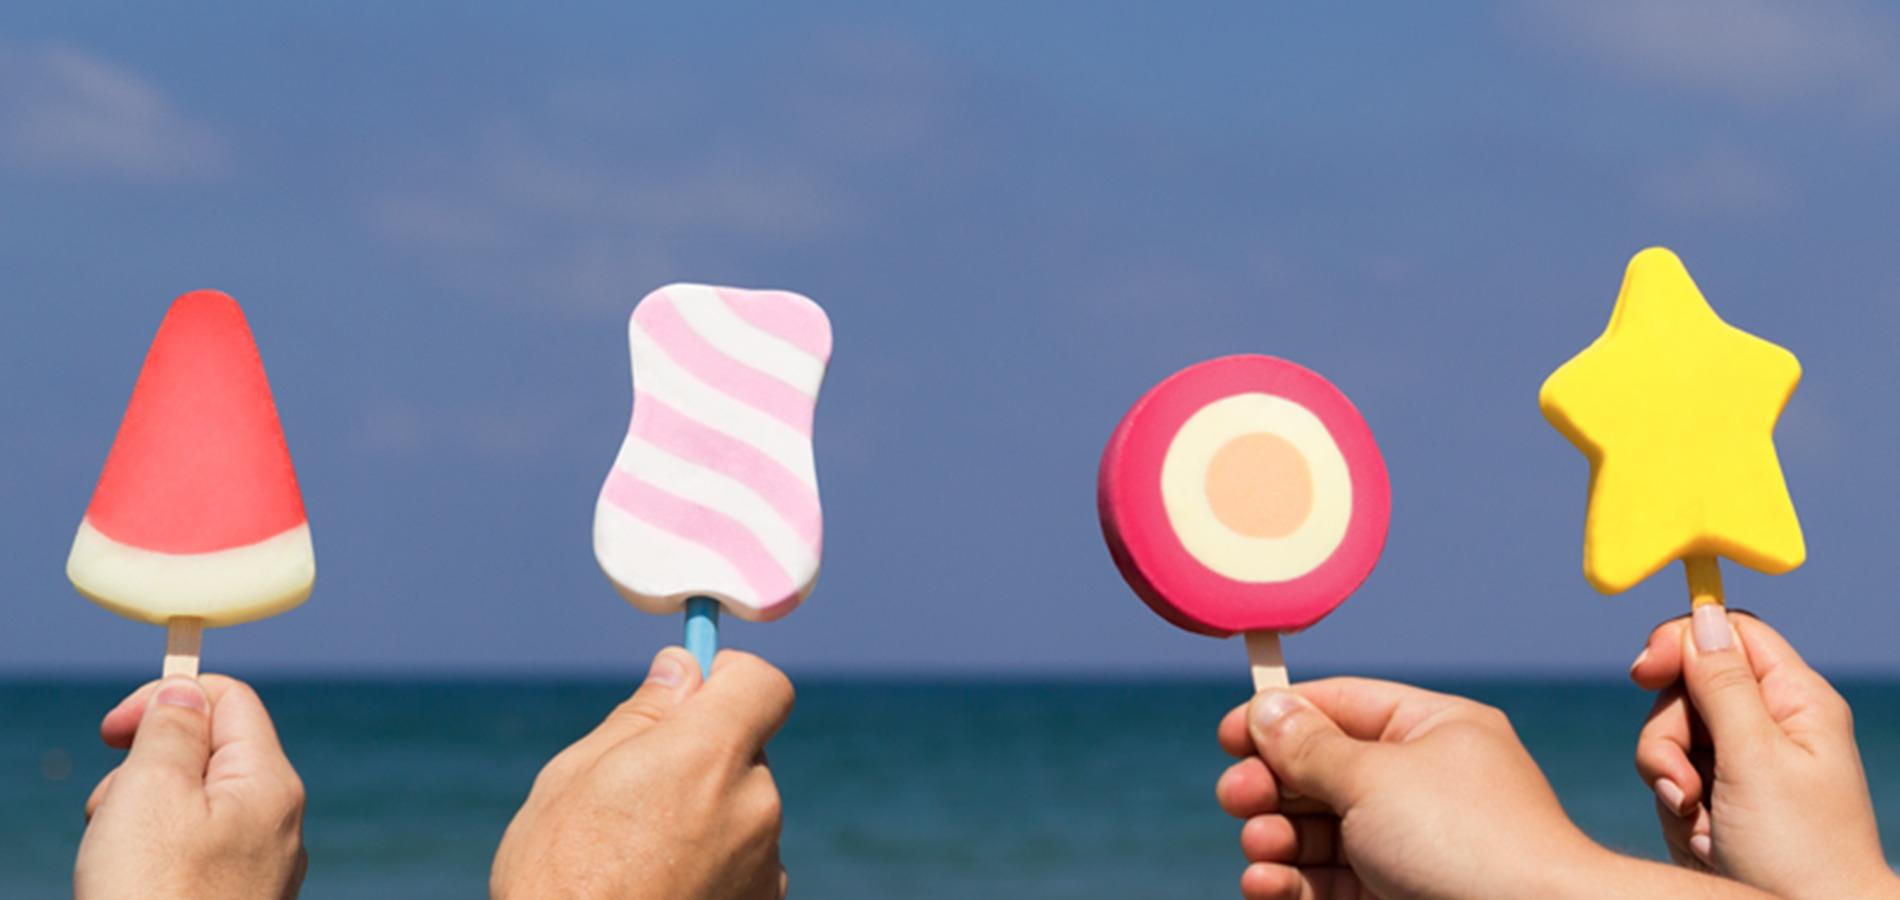 גלידות שטראוס - ילדים